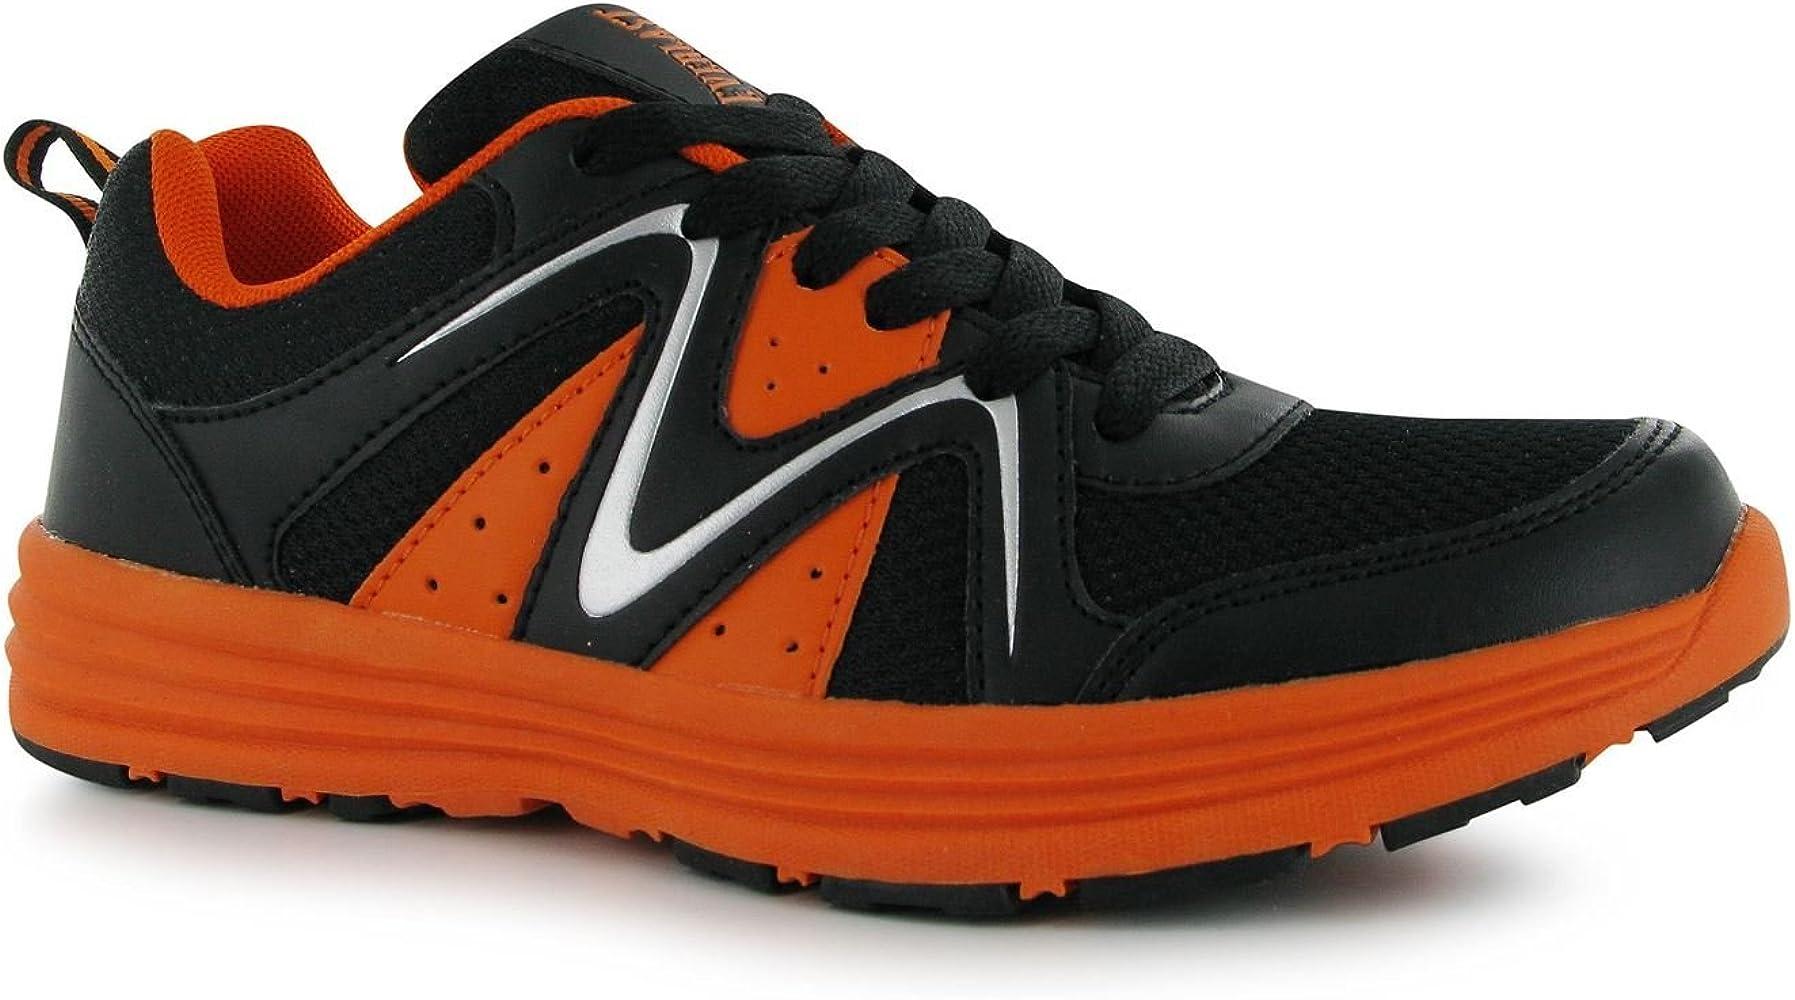 Everlast Jupiter Tiempo Libre Zapatillas Niños Guantes Sport Fashion Sneaker, Color Negro, Talla 39: Amazon.es: Zapatos y complementos